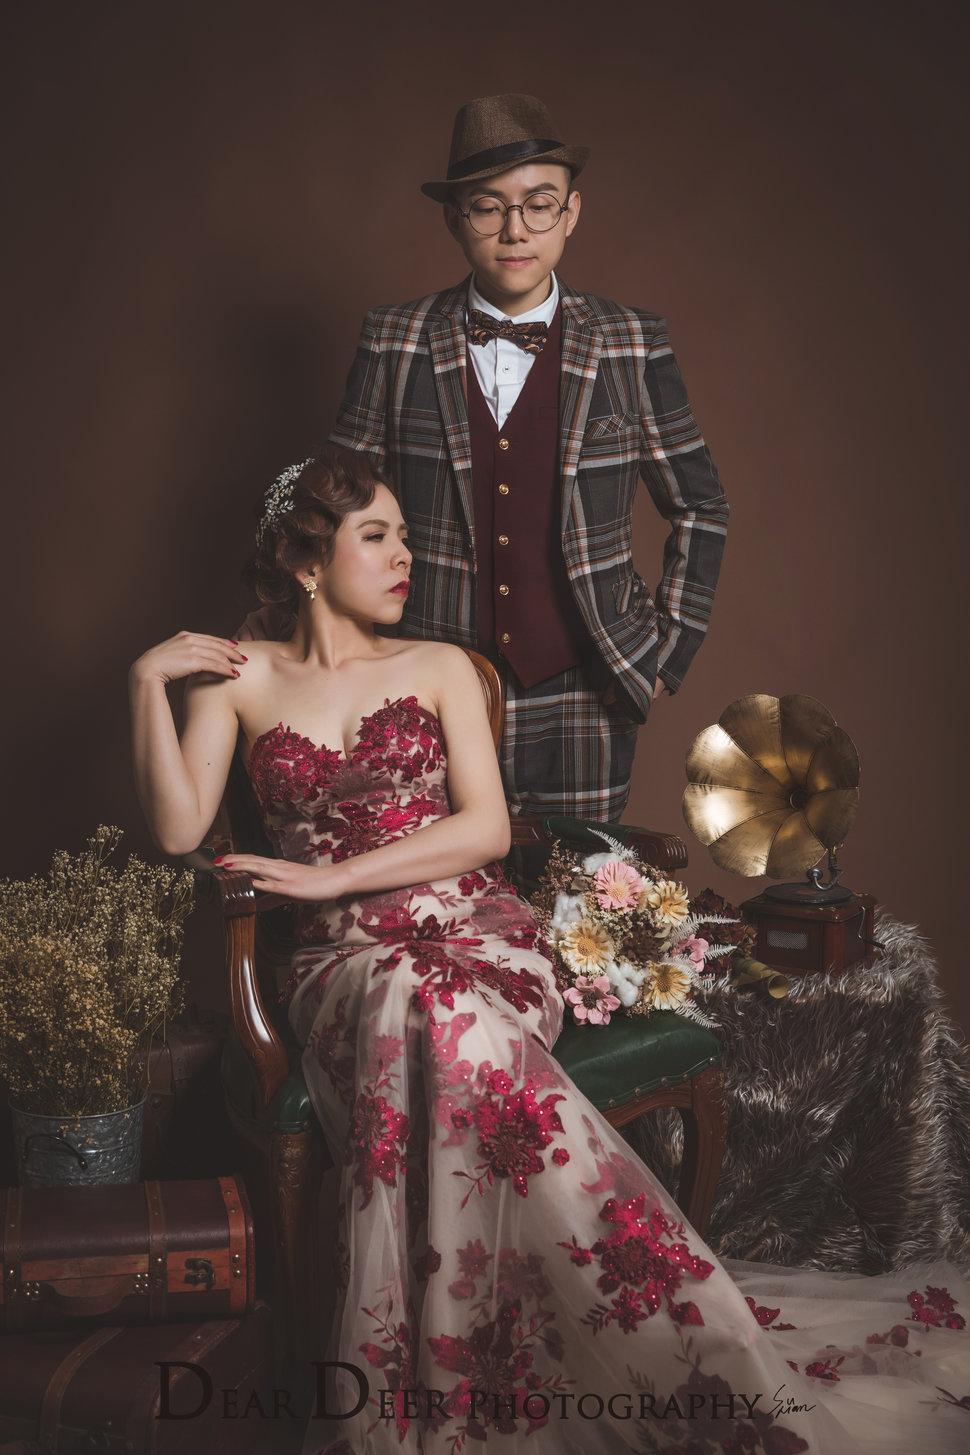 Dear Deer|Vogue時尚雜誌風(編號:1595860) - Dear Deer鹿兒攝影|女攝影師蘇蔓《結婚吧》